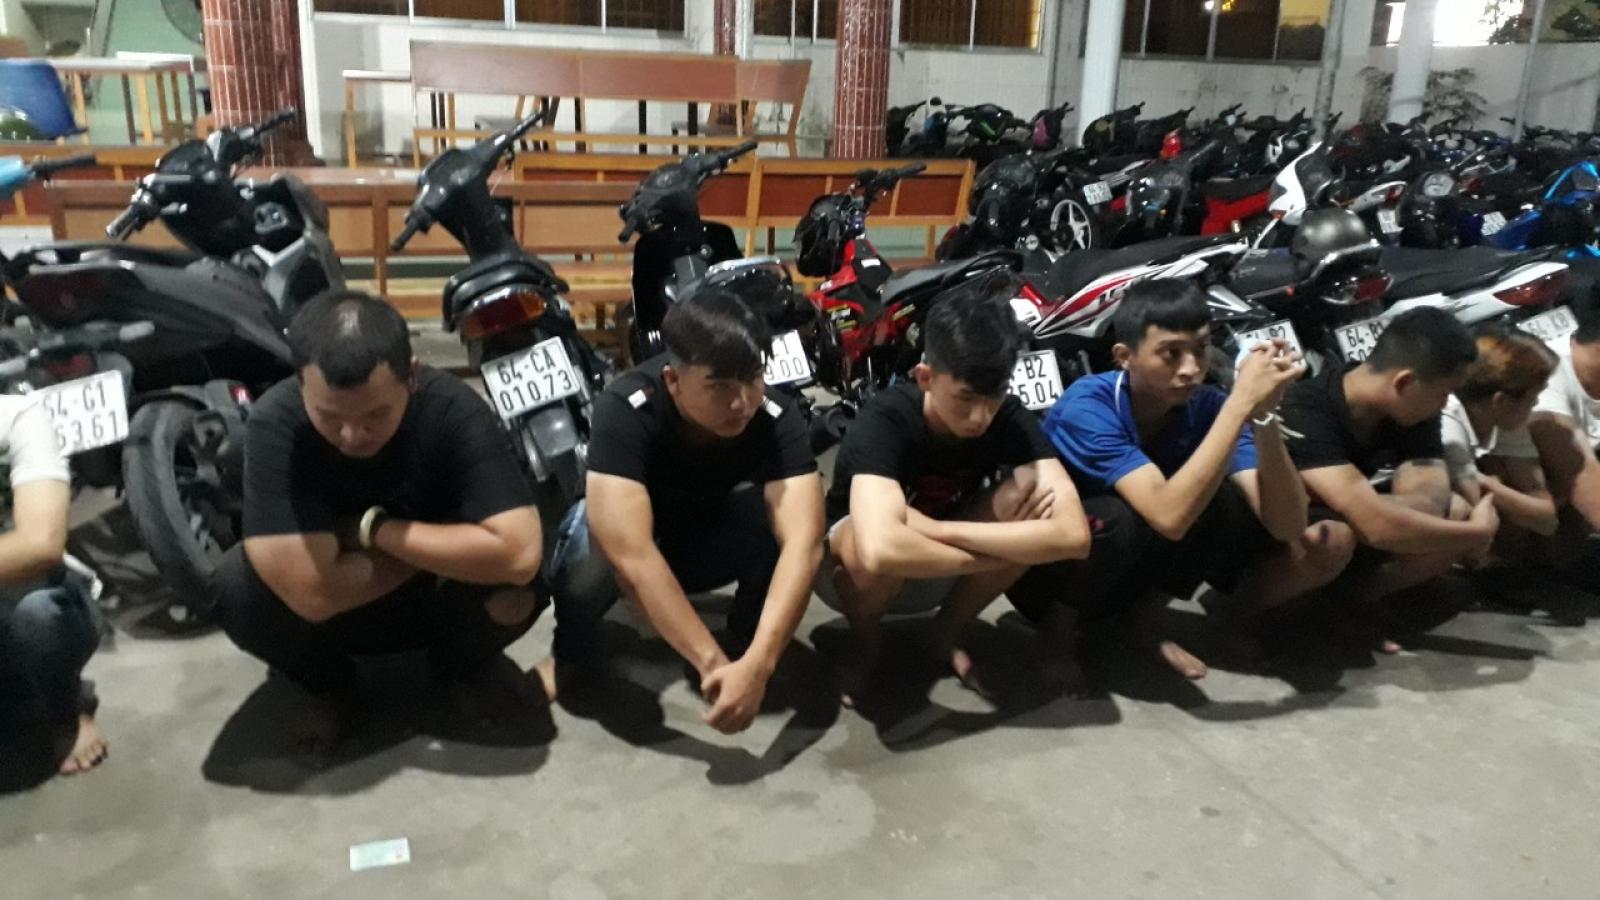 Đua xe ăn mừng ĐT Việt Nam chiến thắng, 18 thanh niên bị bắt